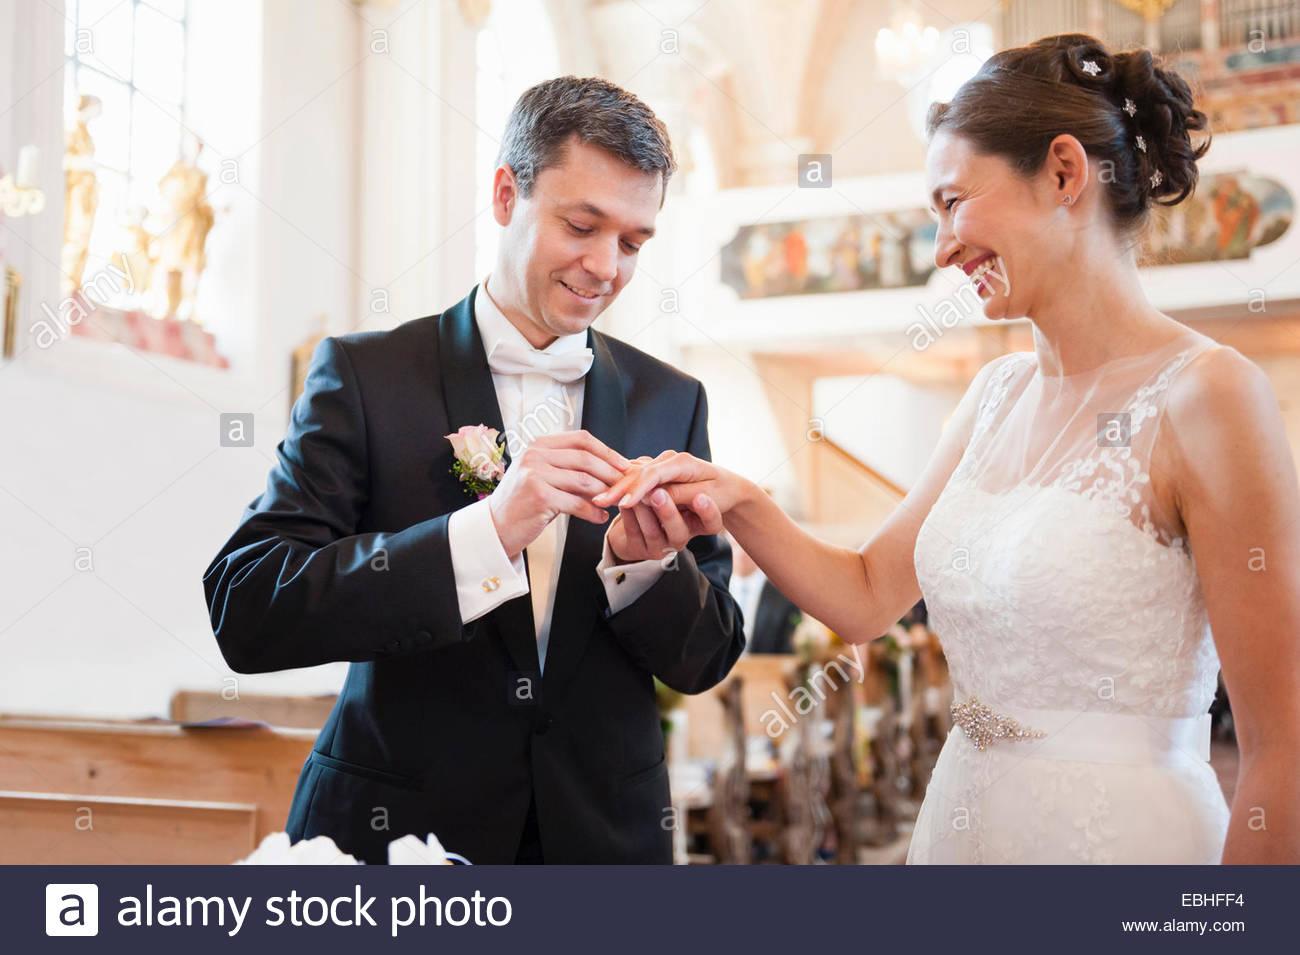 Esposo colocando anillo de bodas de novias dedo en la iglesia Imagen De Stock